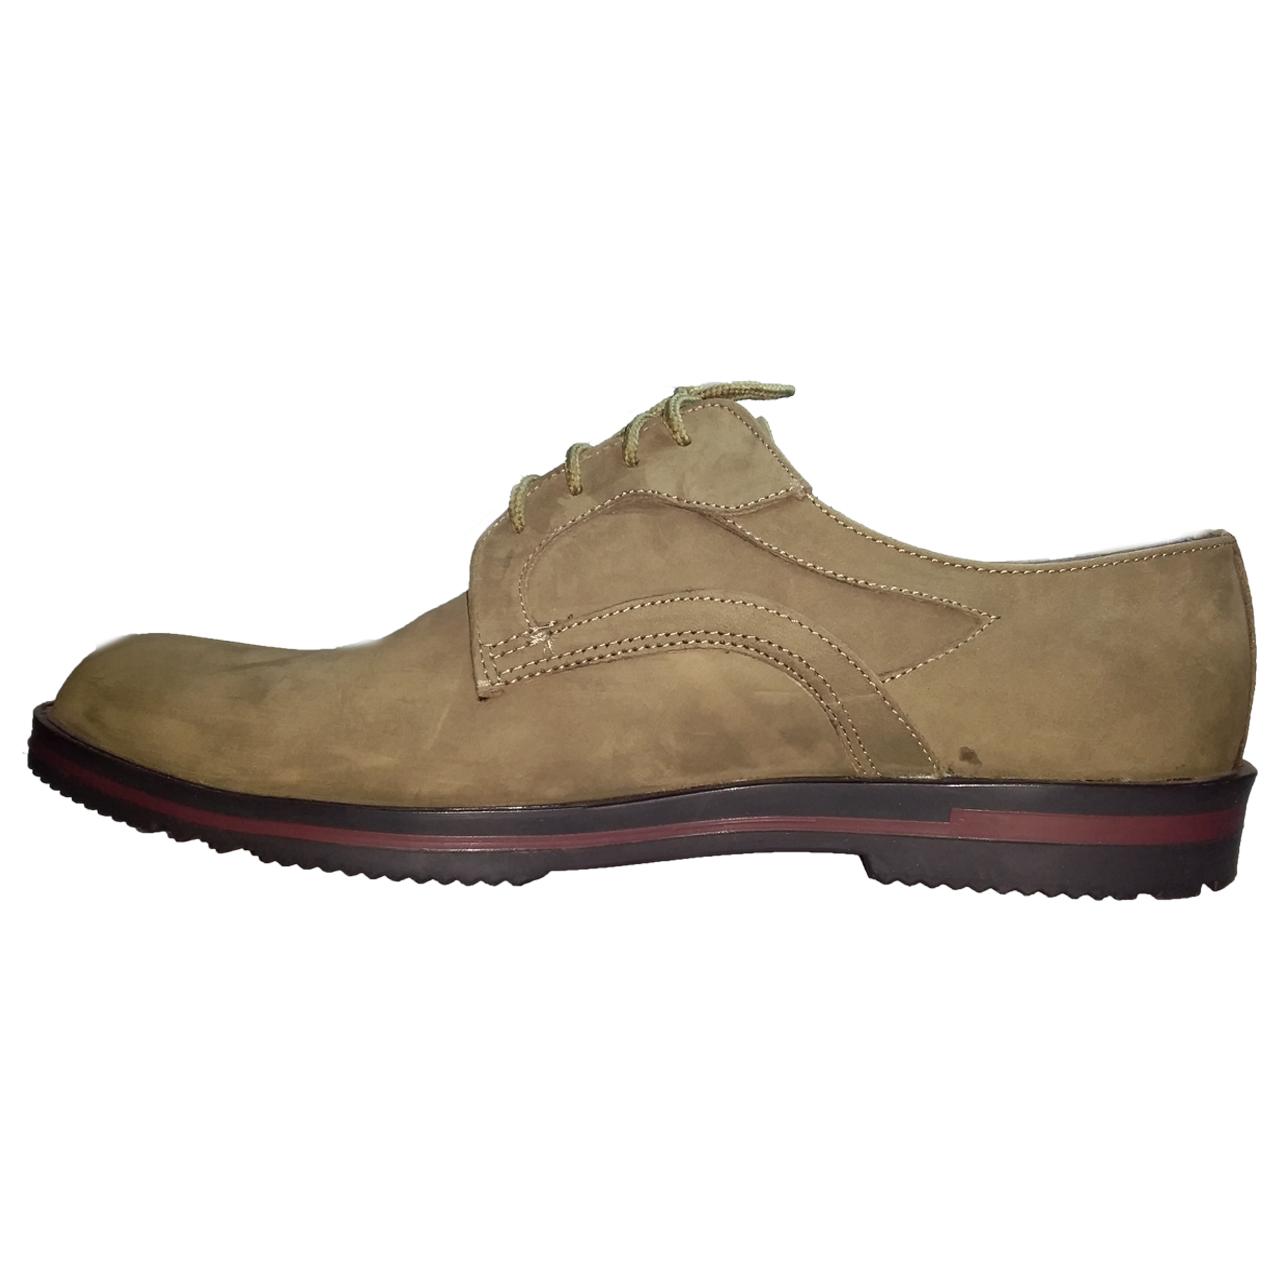 کفش رسمی مردانه کد tm-1